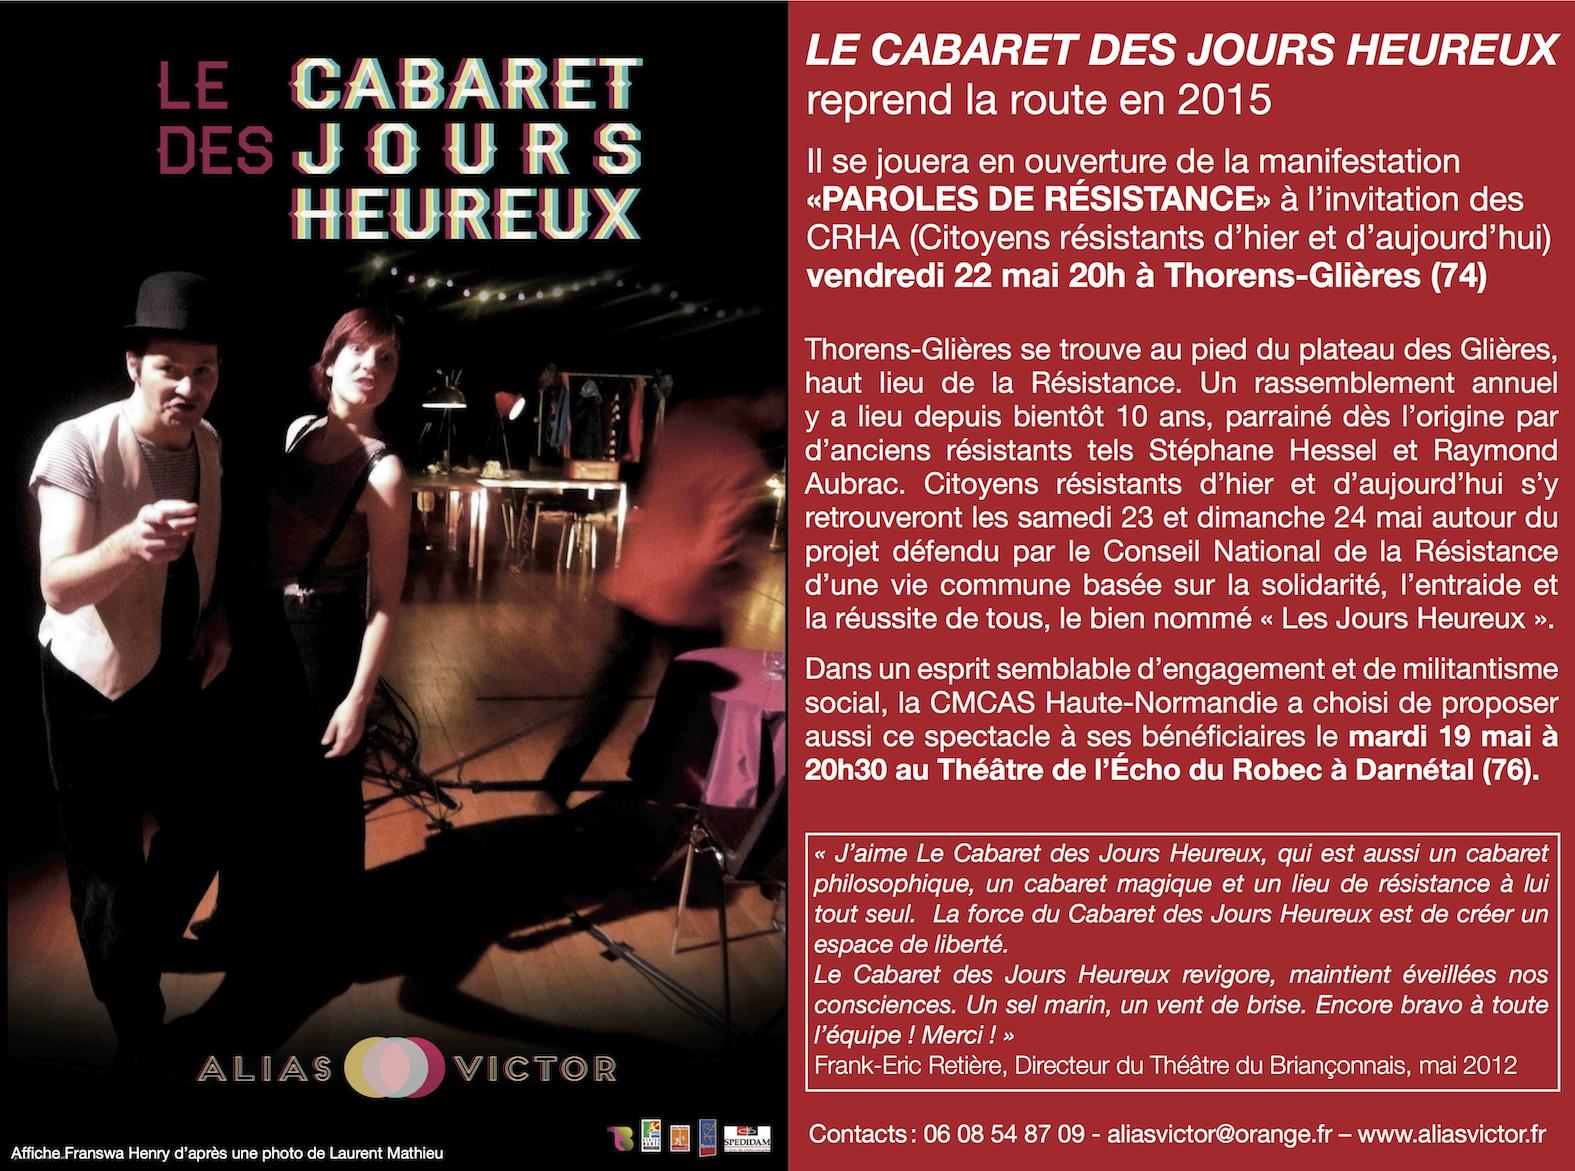 CabaretJoursHeureux